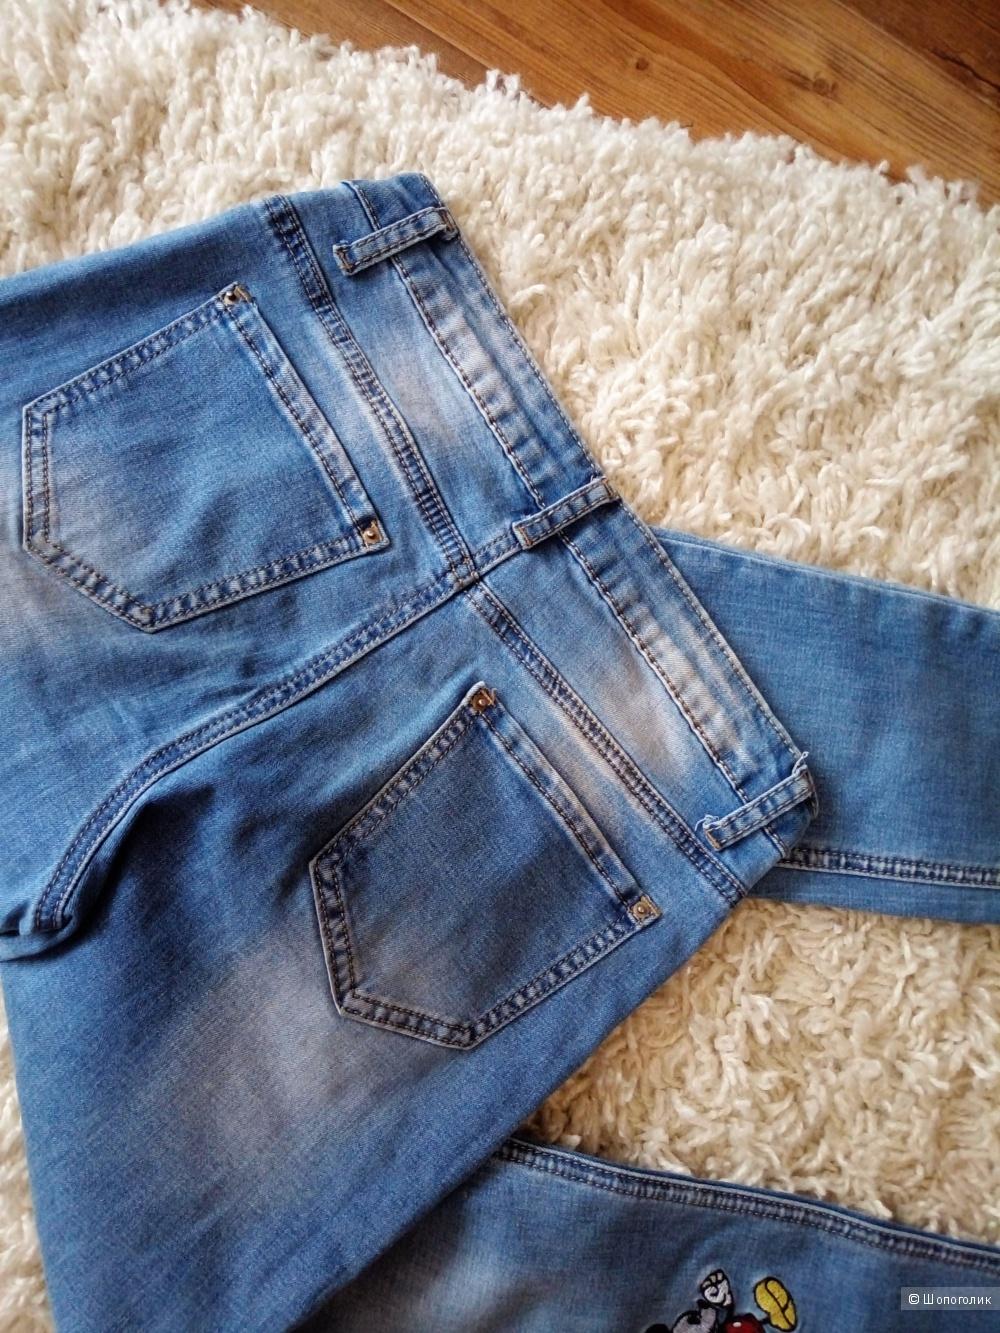 Сет джинсы и лонгслив  Breeze cpils, размер 155-163см